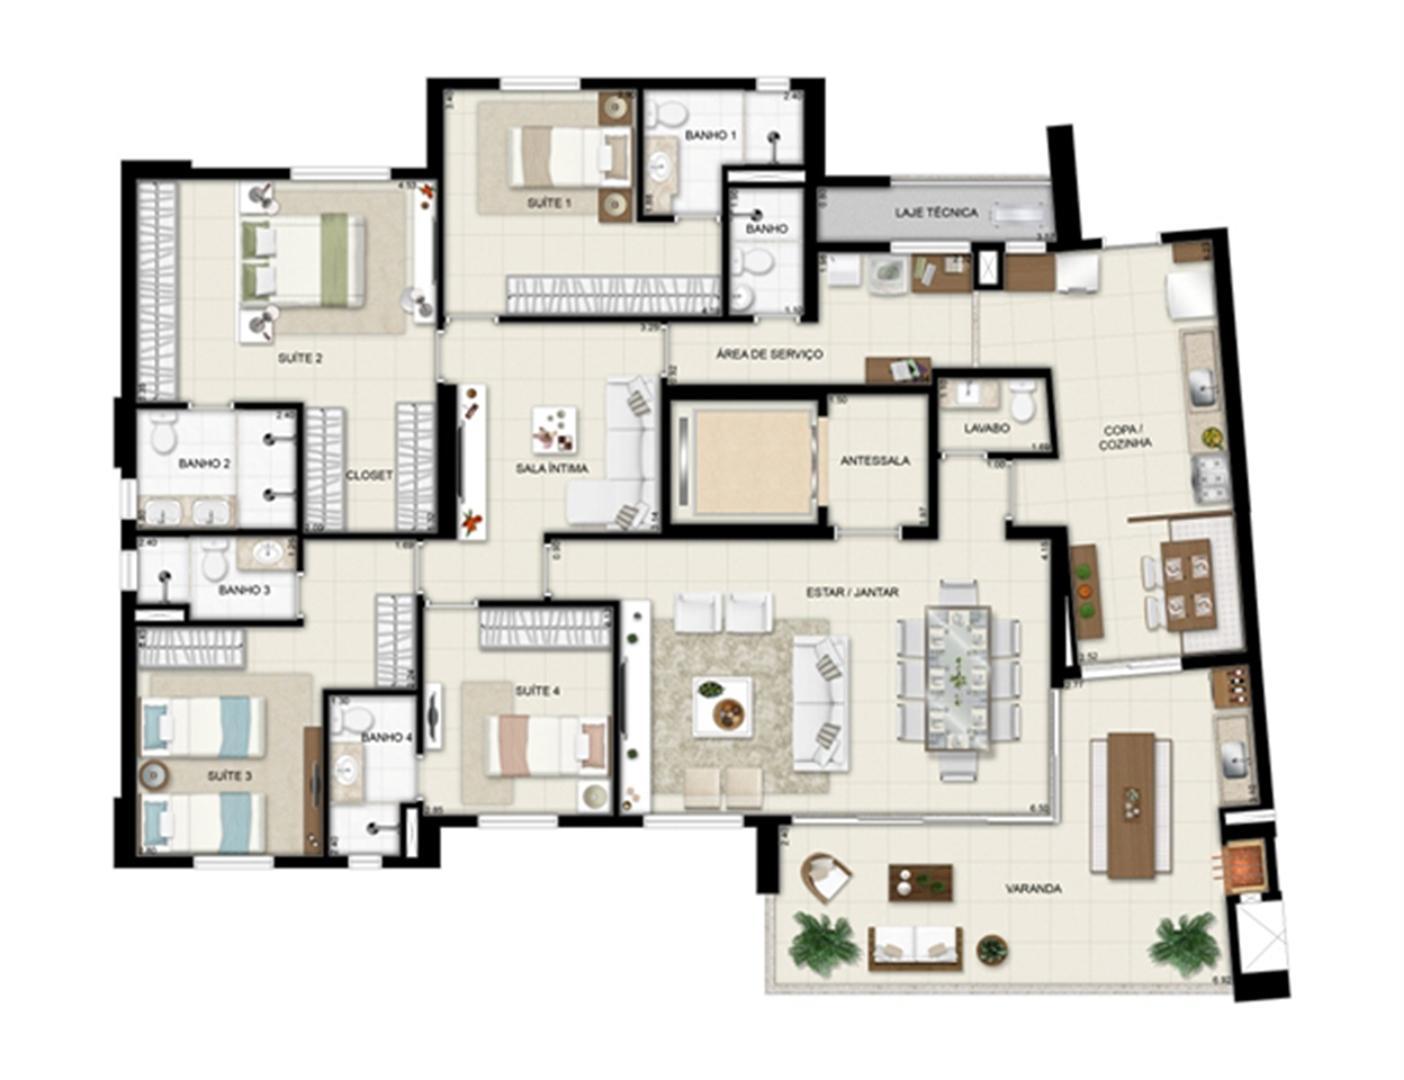 Planta opção - Torre Boulevard - Final 01 198 m² | Chateau Marista LifeStyle – Apartamento no  Setor Marista - Goiânia - Goiás